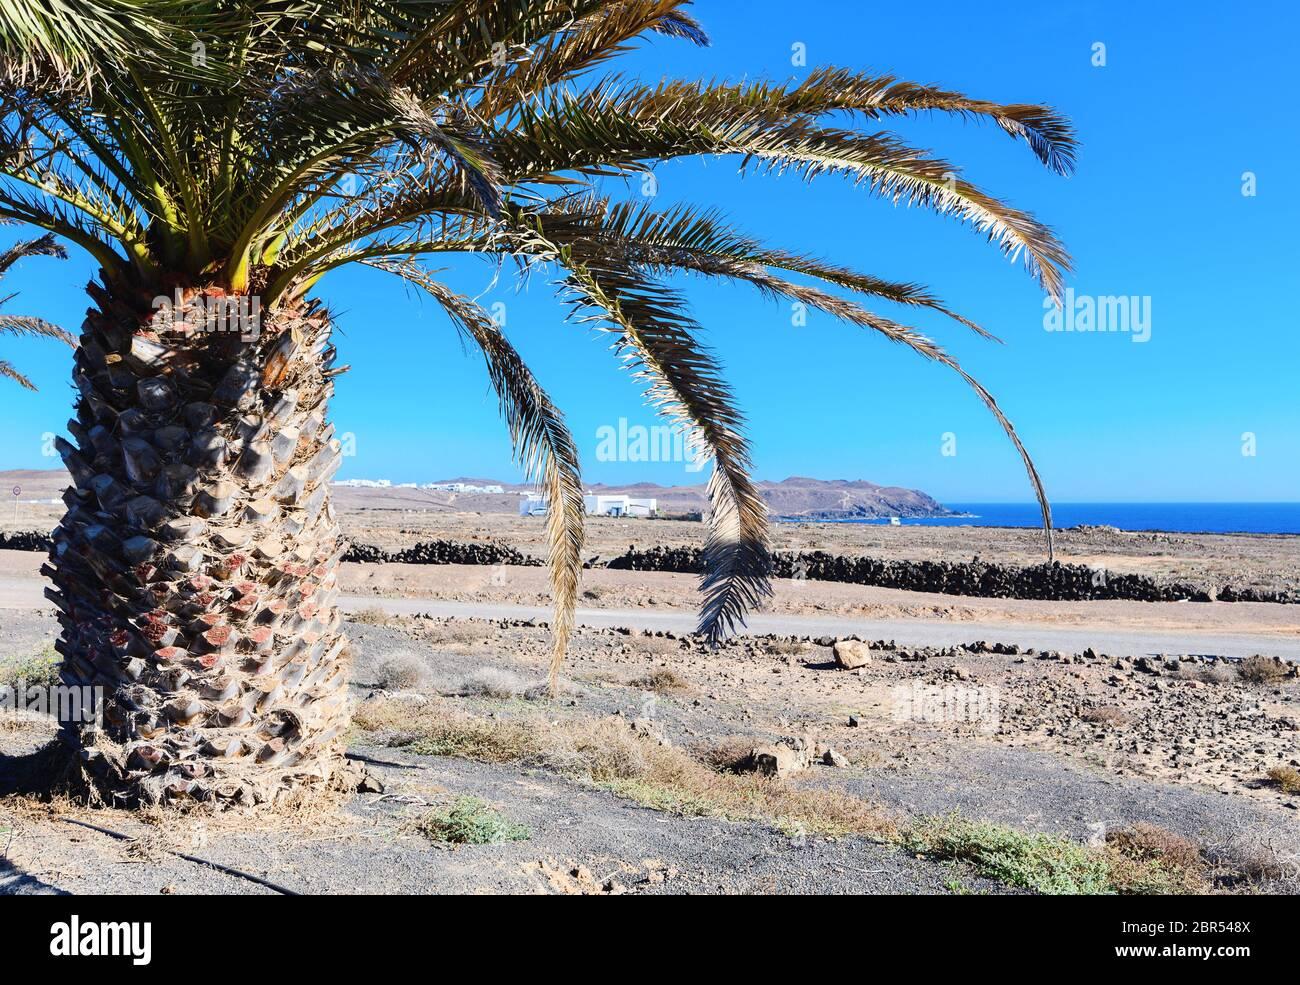 Paysages bruns de la ville de Costa Teguise, Lanzarote, sélectif Banque D'Images